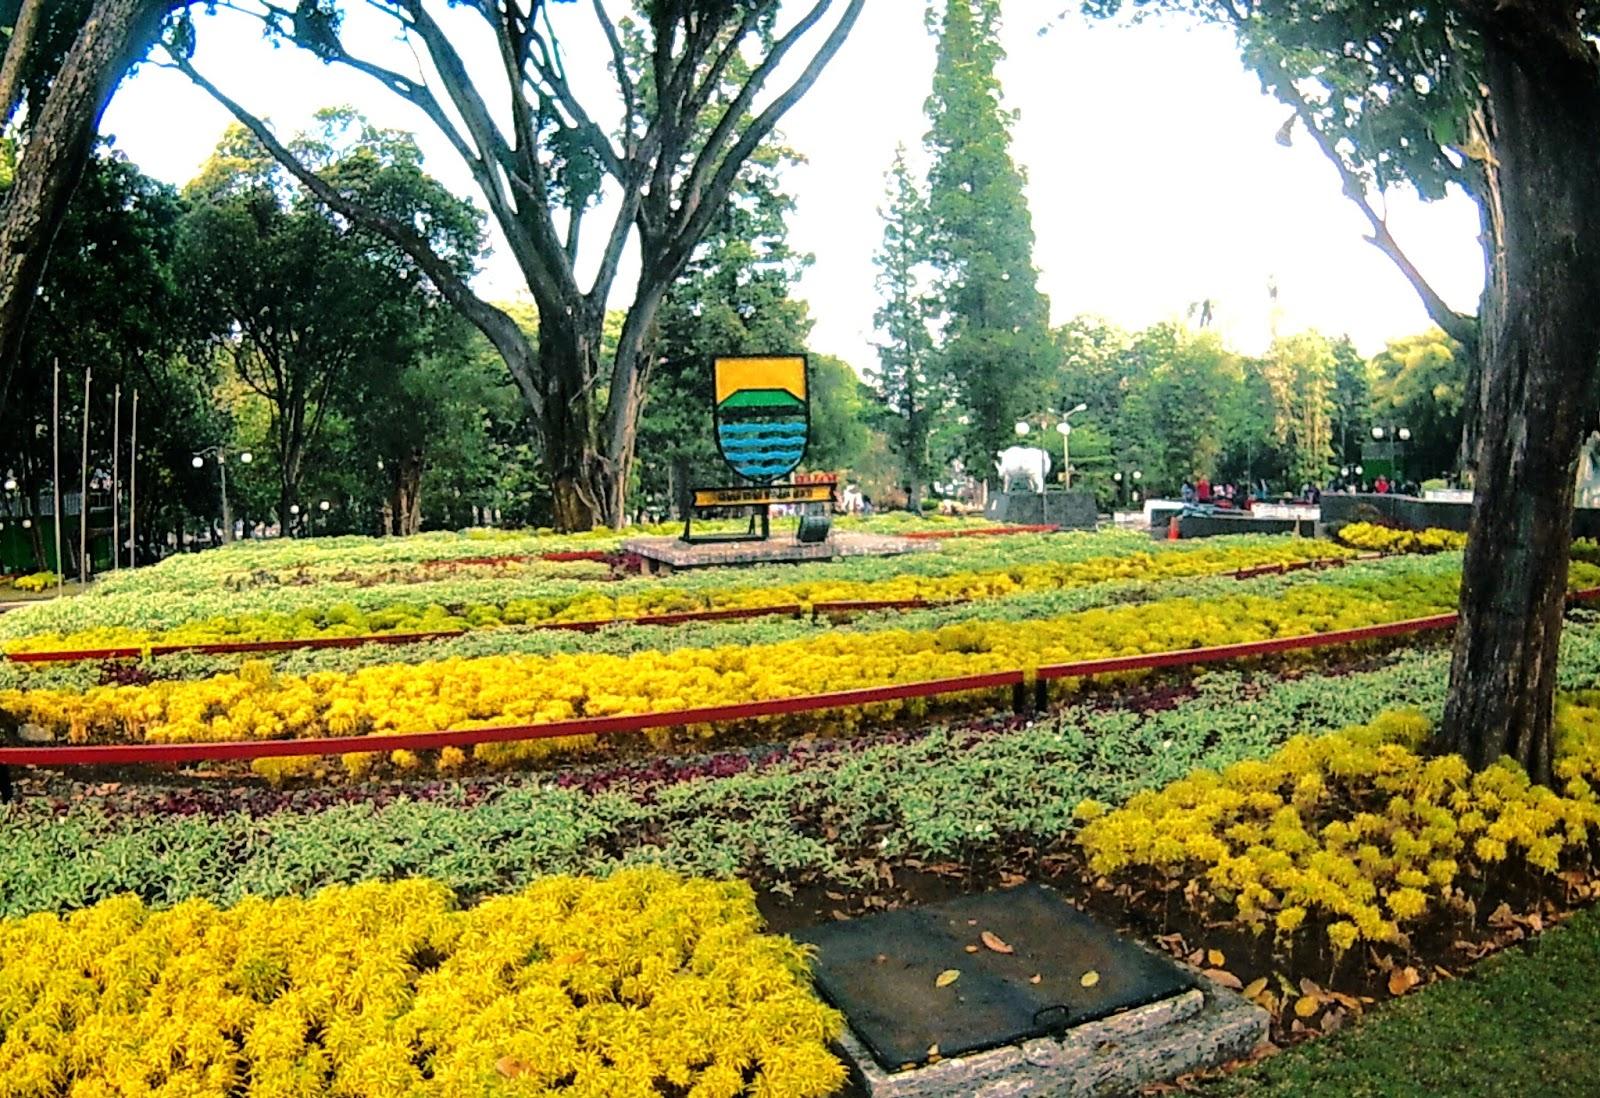 Tempat Cocok Berakhir Pekan Di Taman Balai Kota Bandung Www